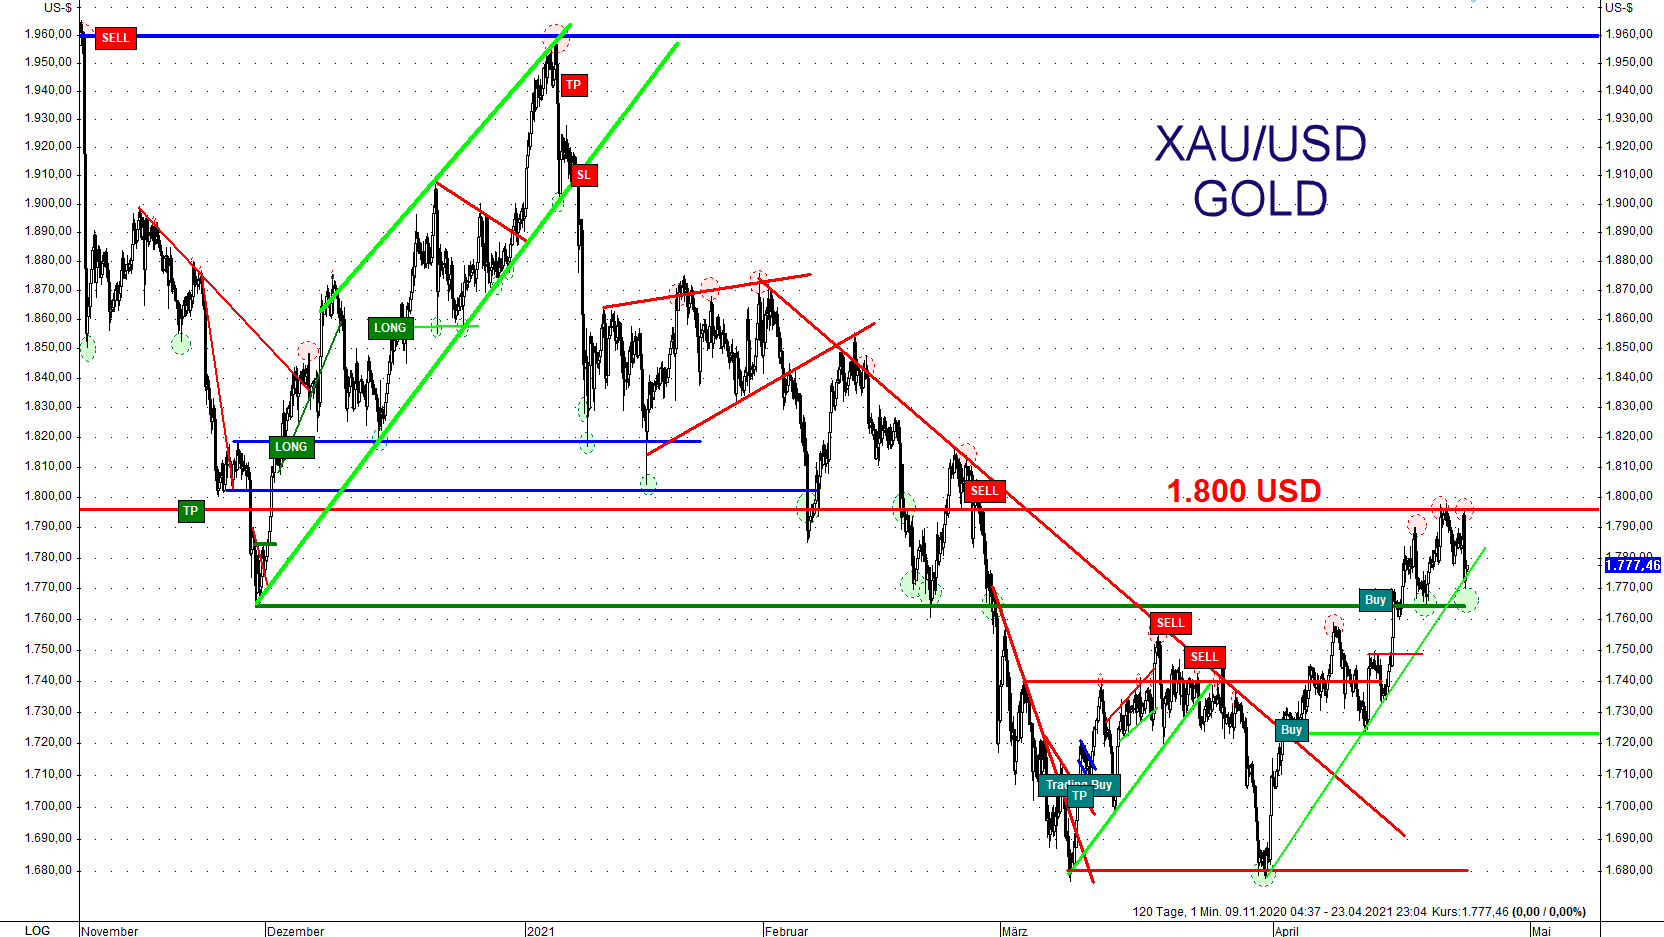 Der Abwärtstrend bei Gold in US-Dollar ist immer noch intakt